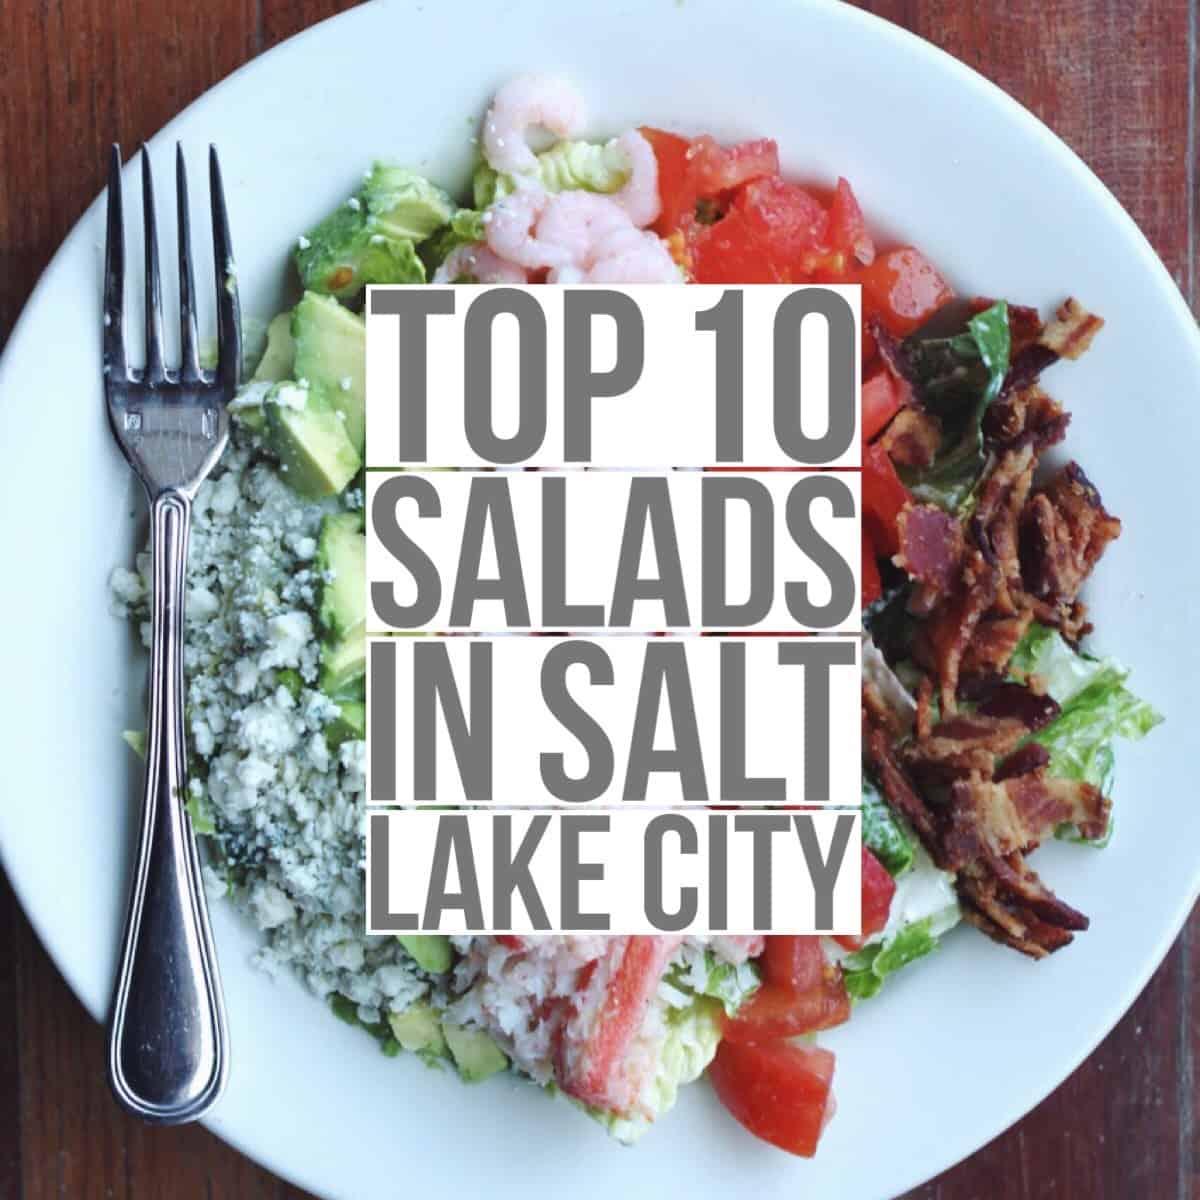 Female Foodie: TOP 10 SALADS IN SALT LAKE CITY